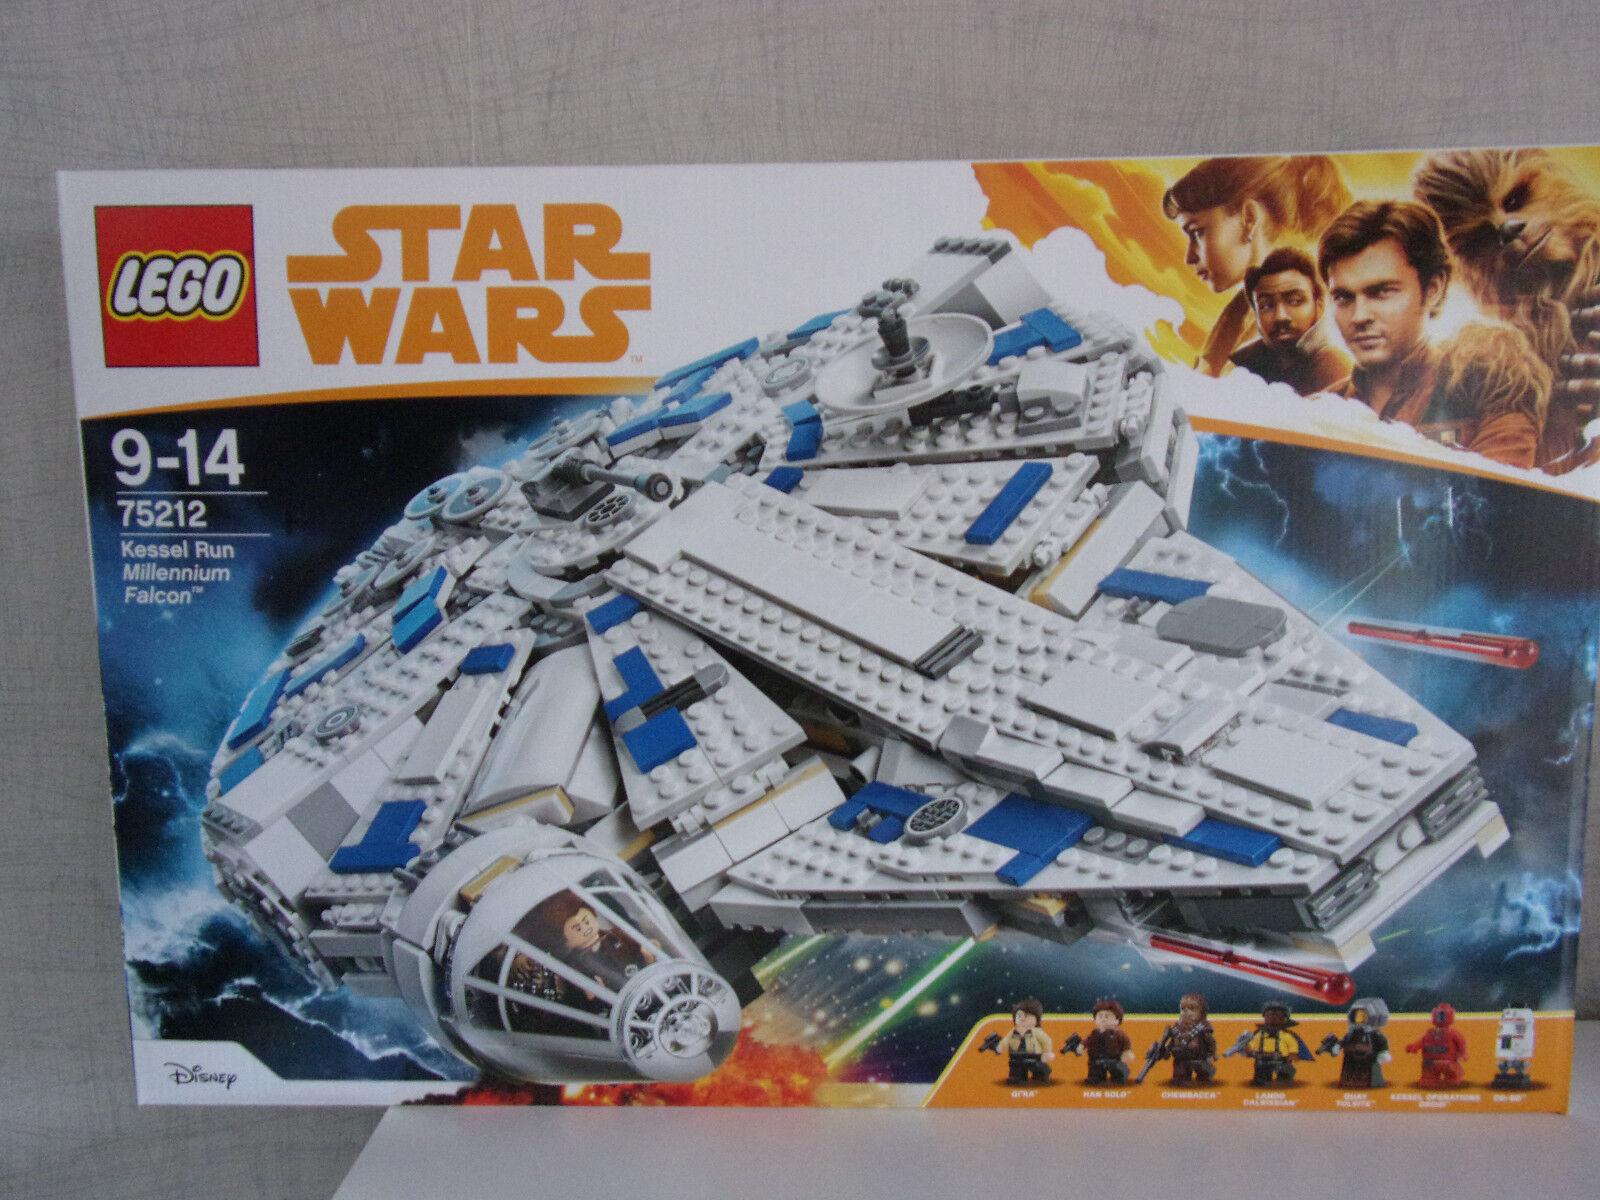 LEGO estrella guerras 75212 CALDAIA correre MILLENIUM FALCON-NUOVO & OVP   prendiamo i clienti come nostro dio